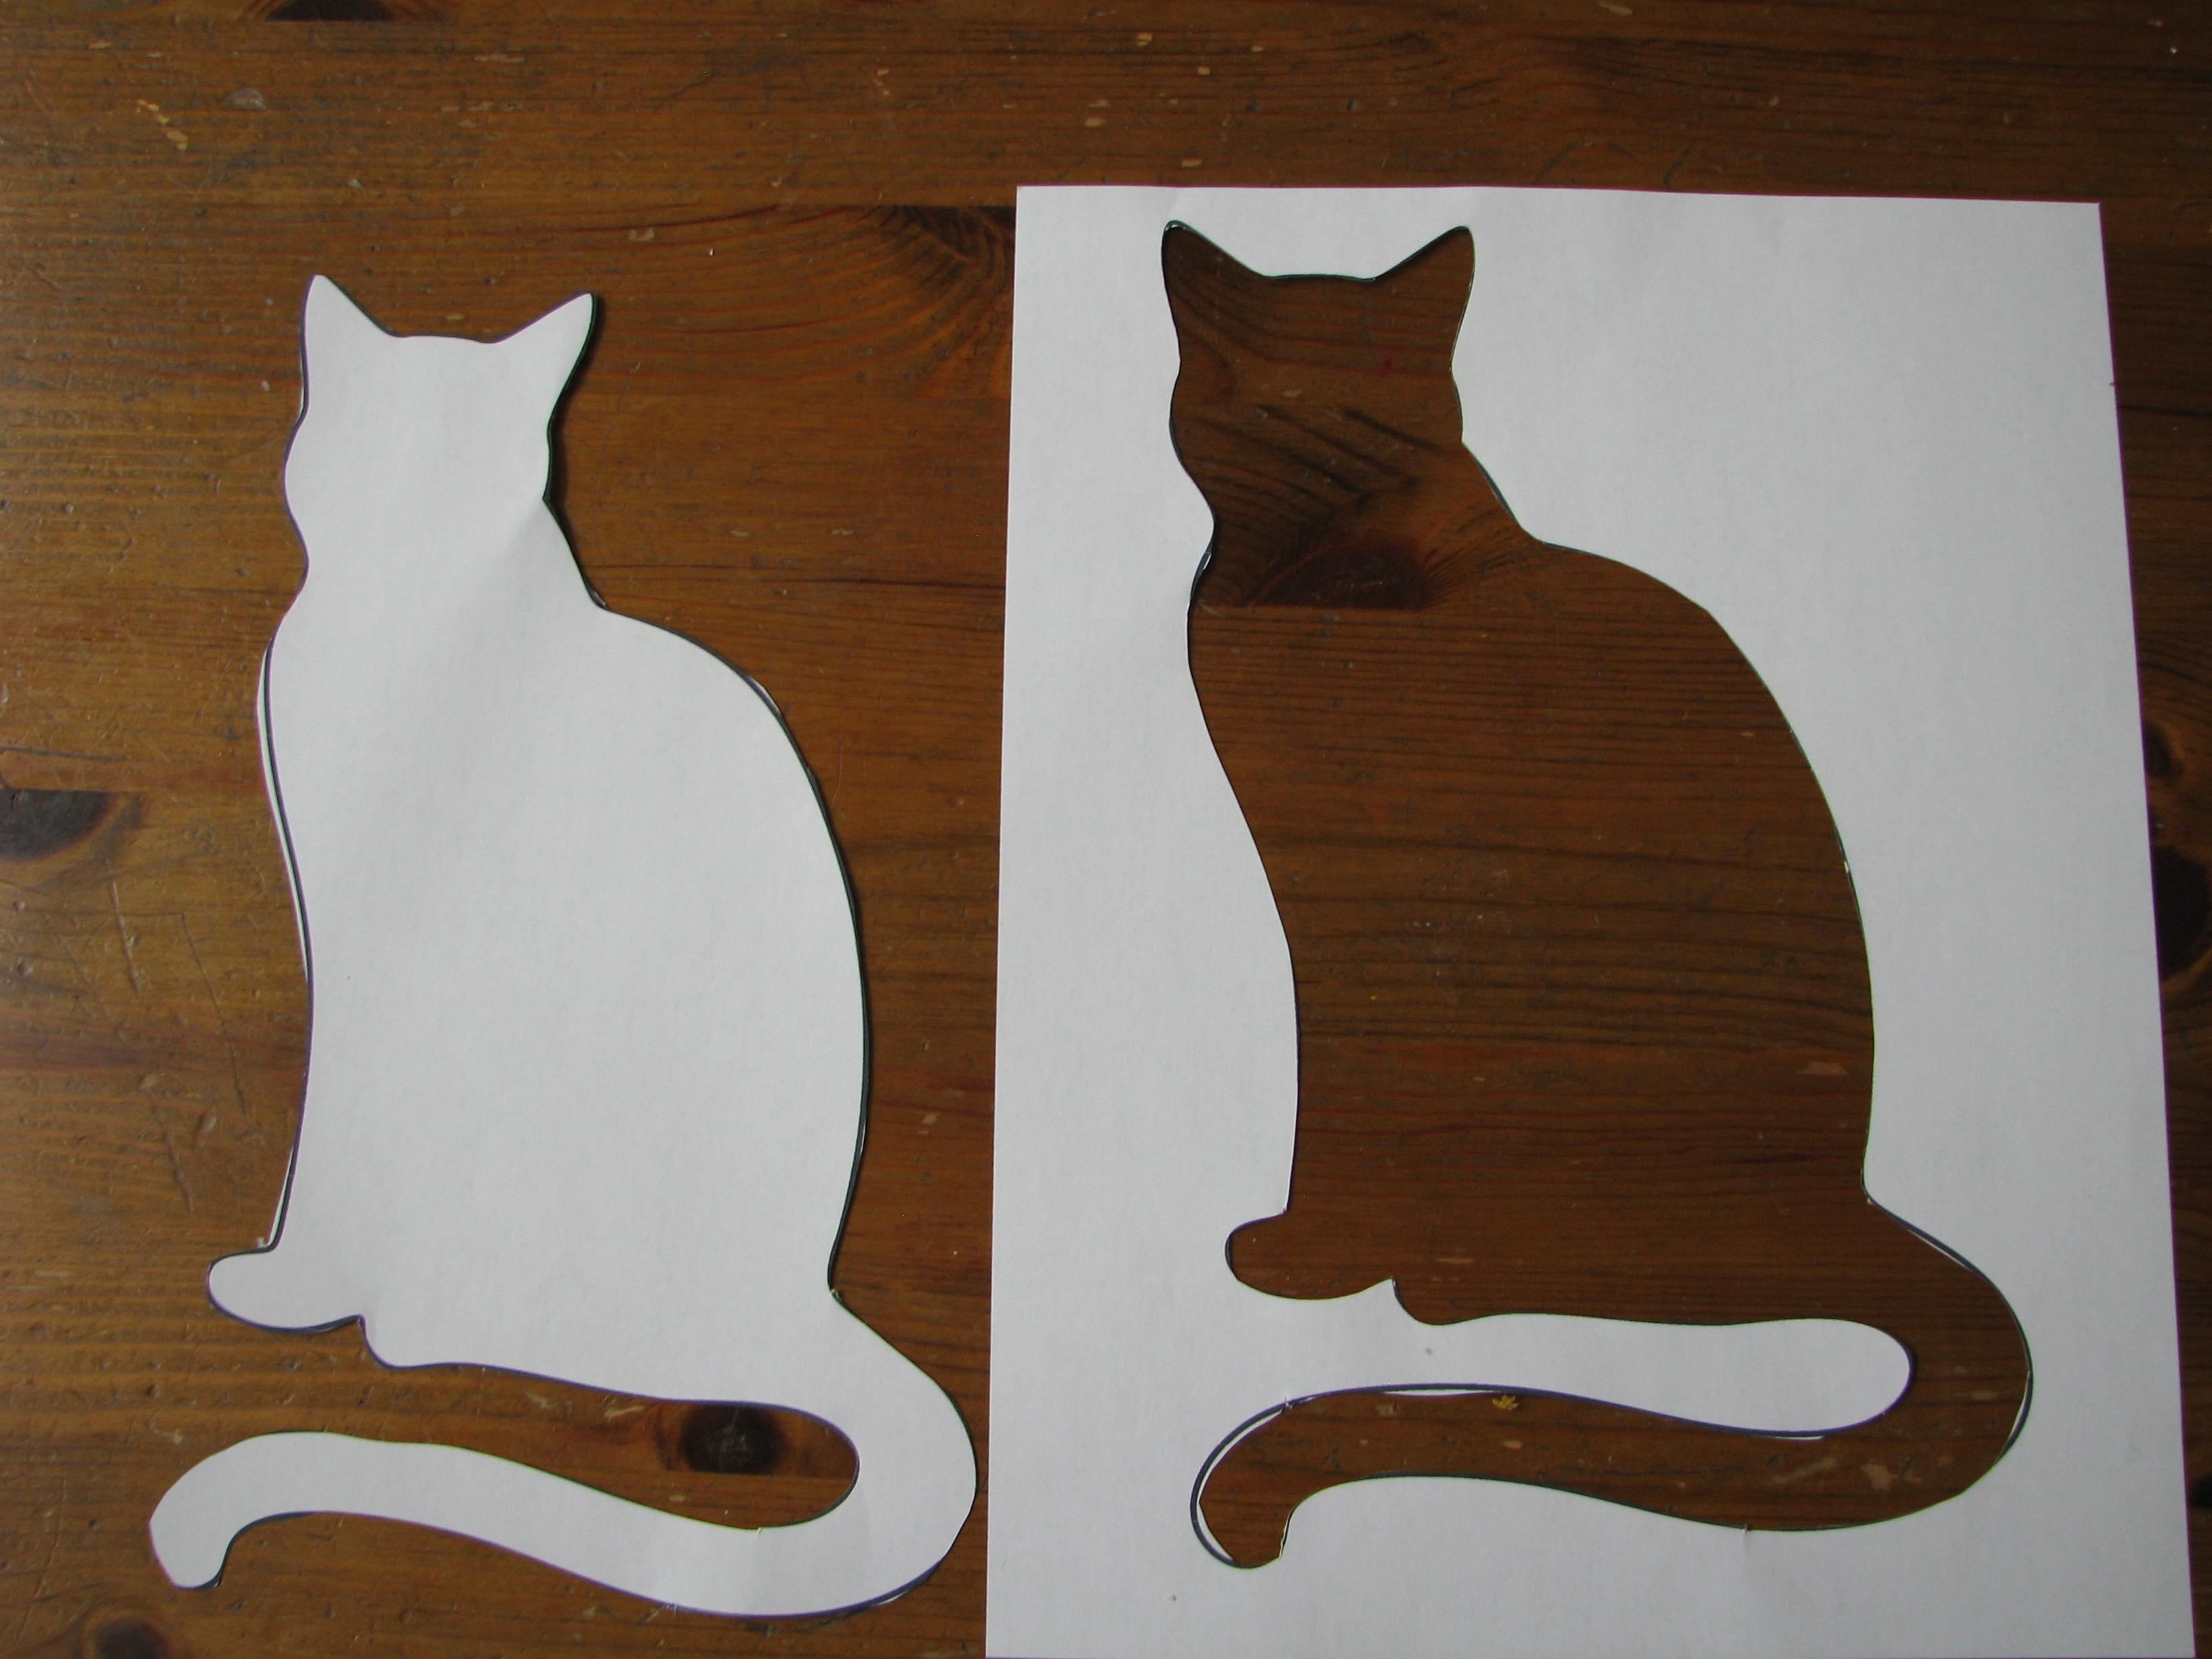 Cat Crafts - Sponge Art Cat